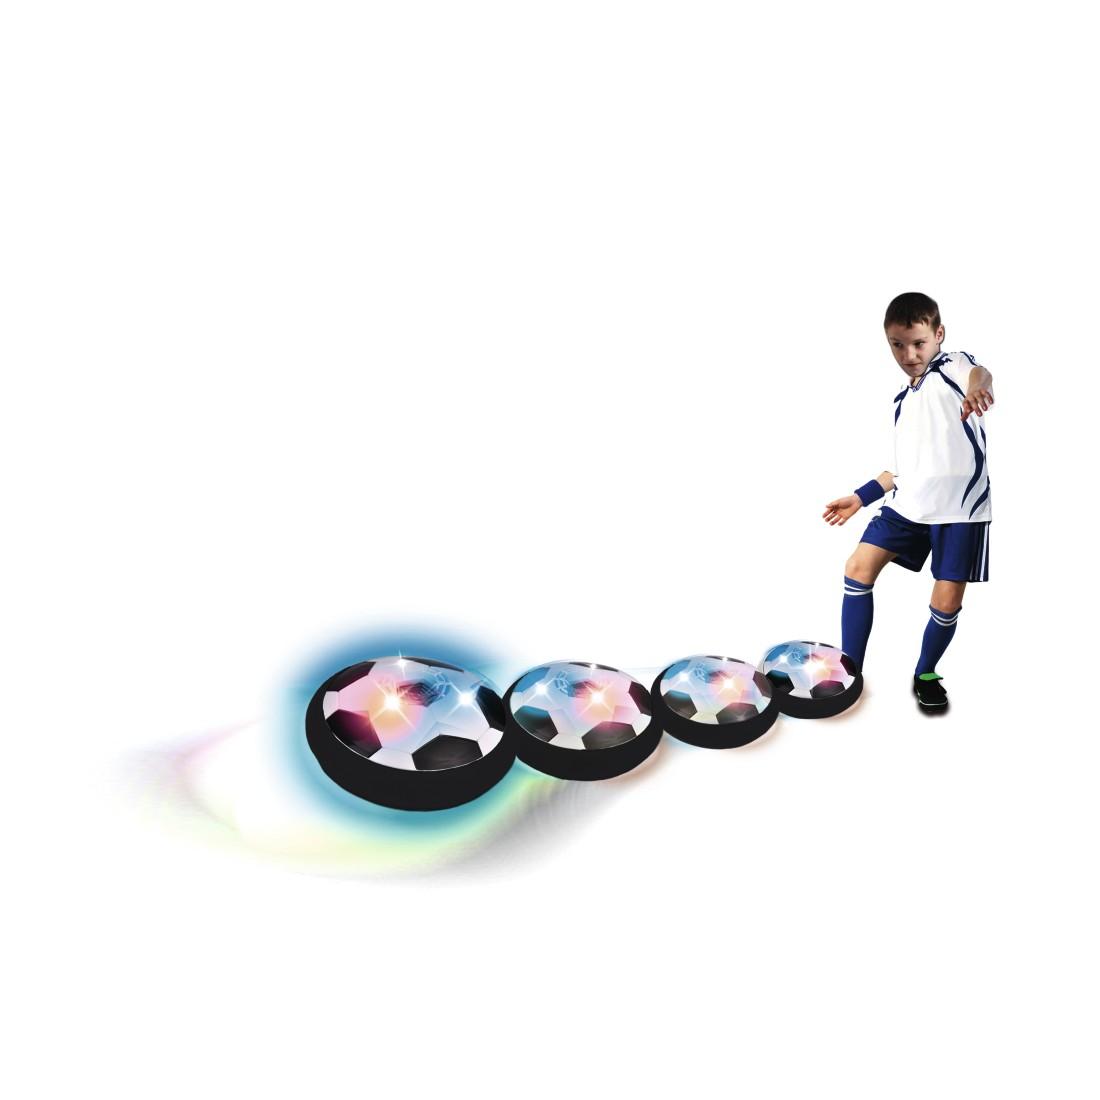 ec5ca0f61 awx High-Res Appliance - Hama, Poduszka powietrzna w kształcie piłki nożnej